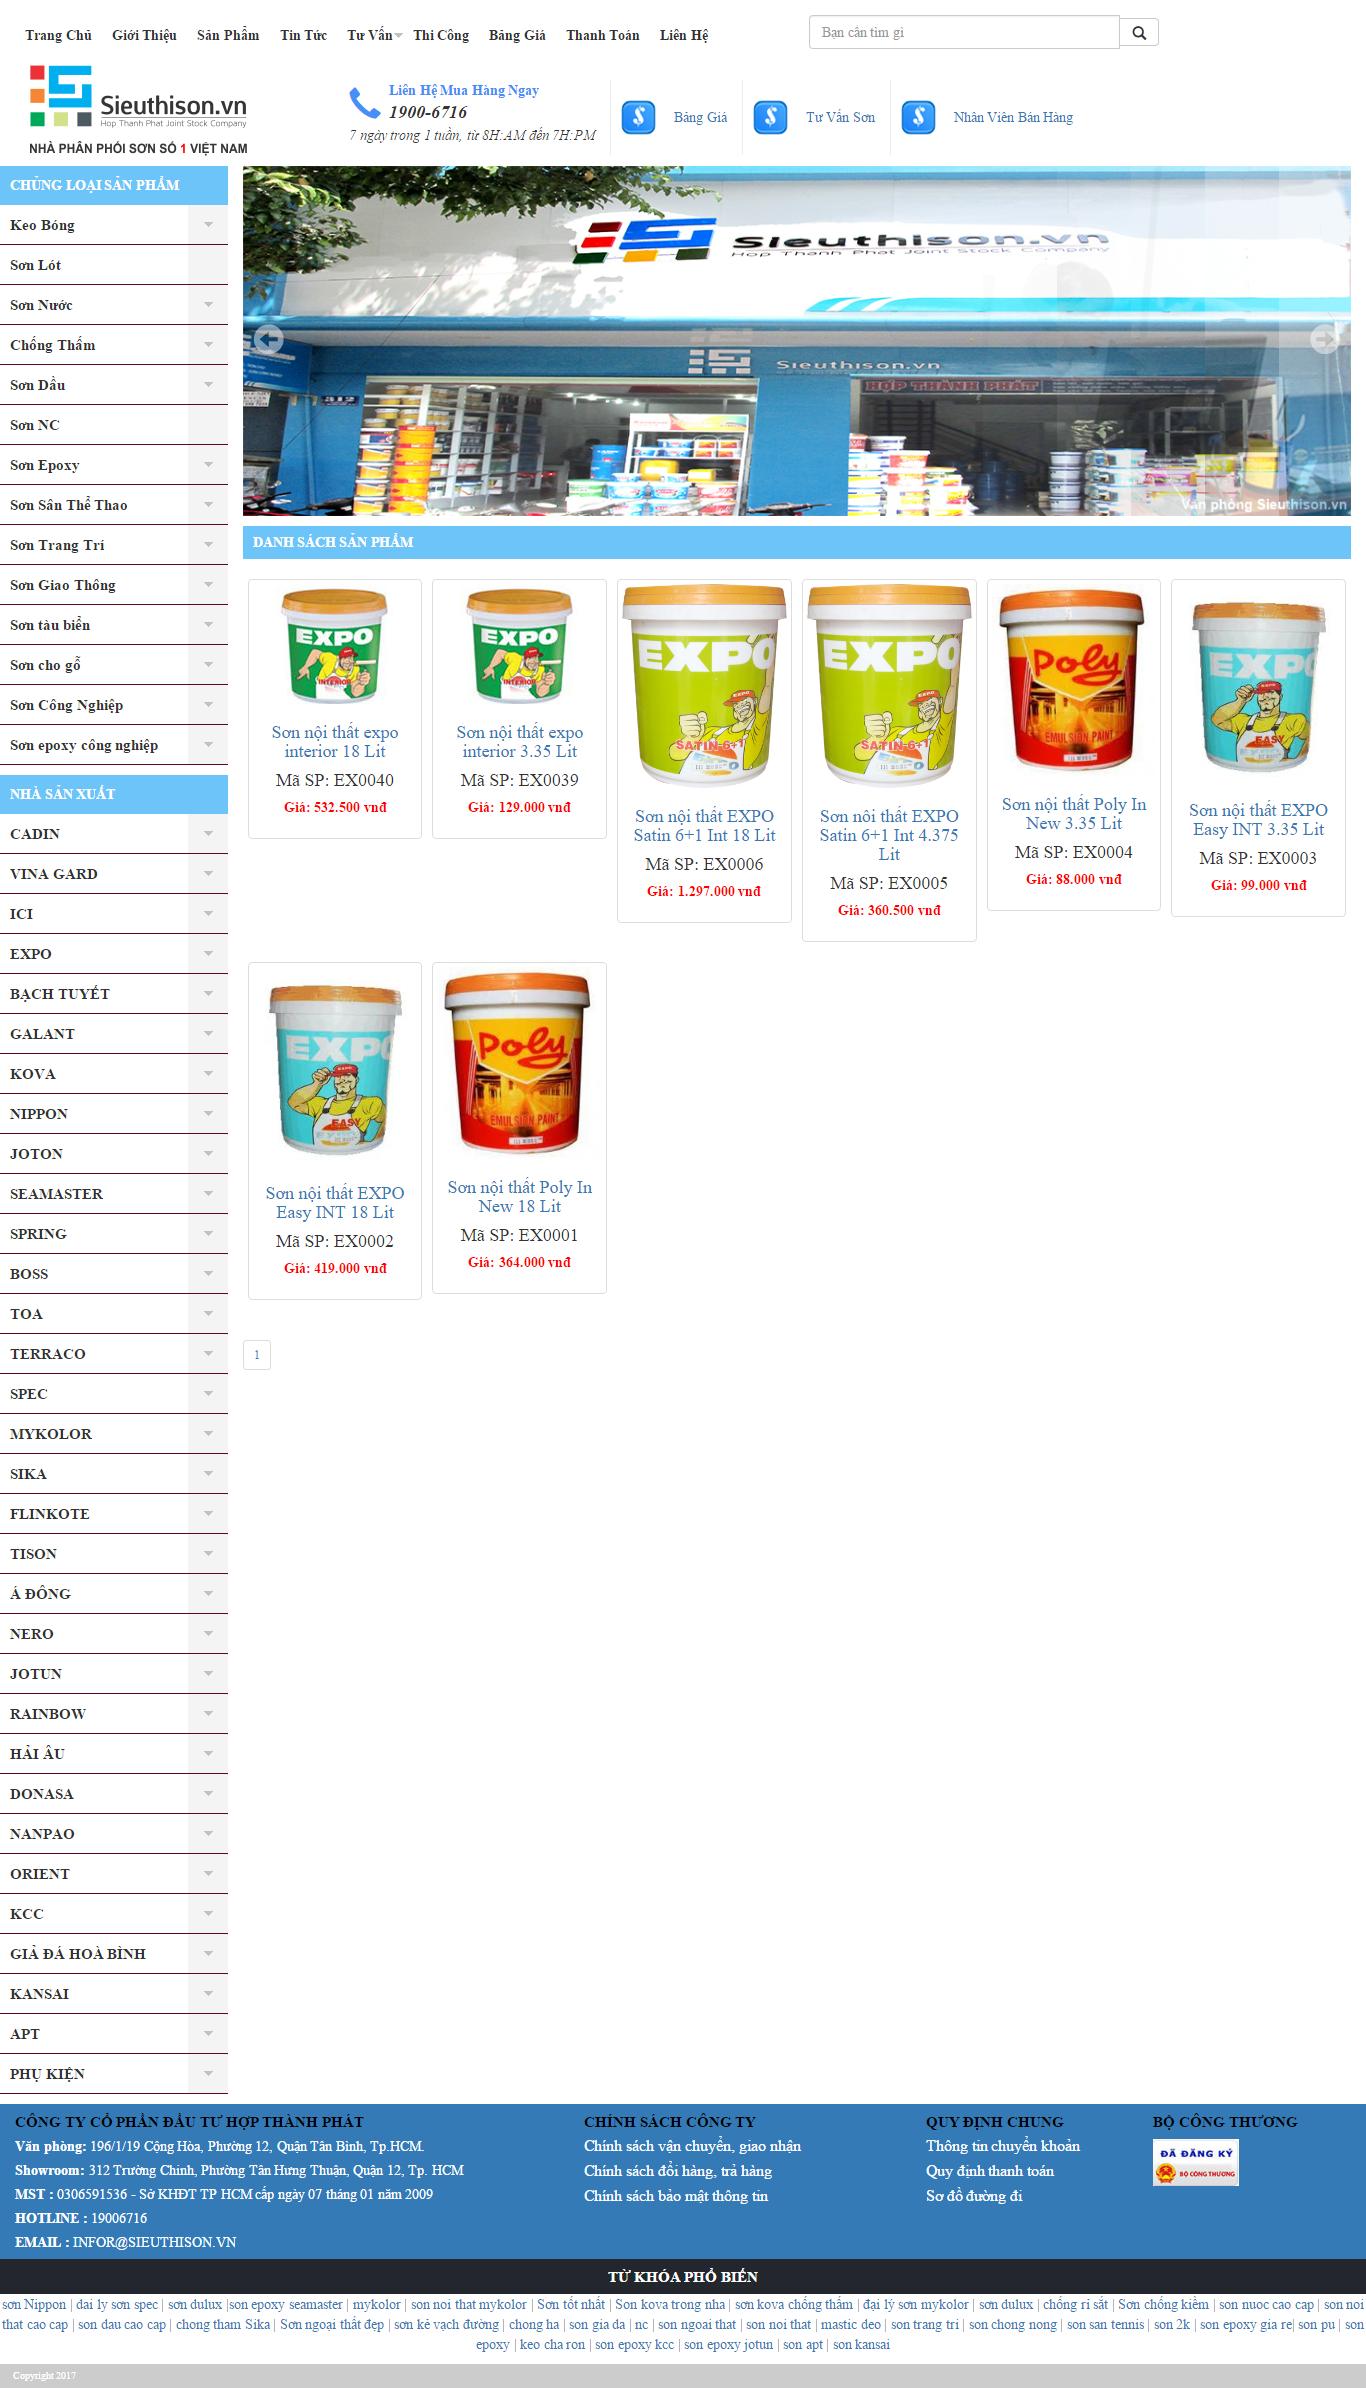 Thiết kế website các loại sơn nội thất, ngoại thất của Sieuthison.vn